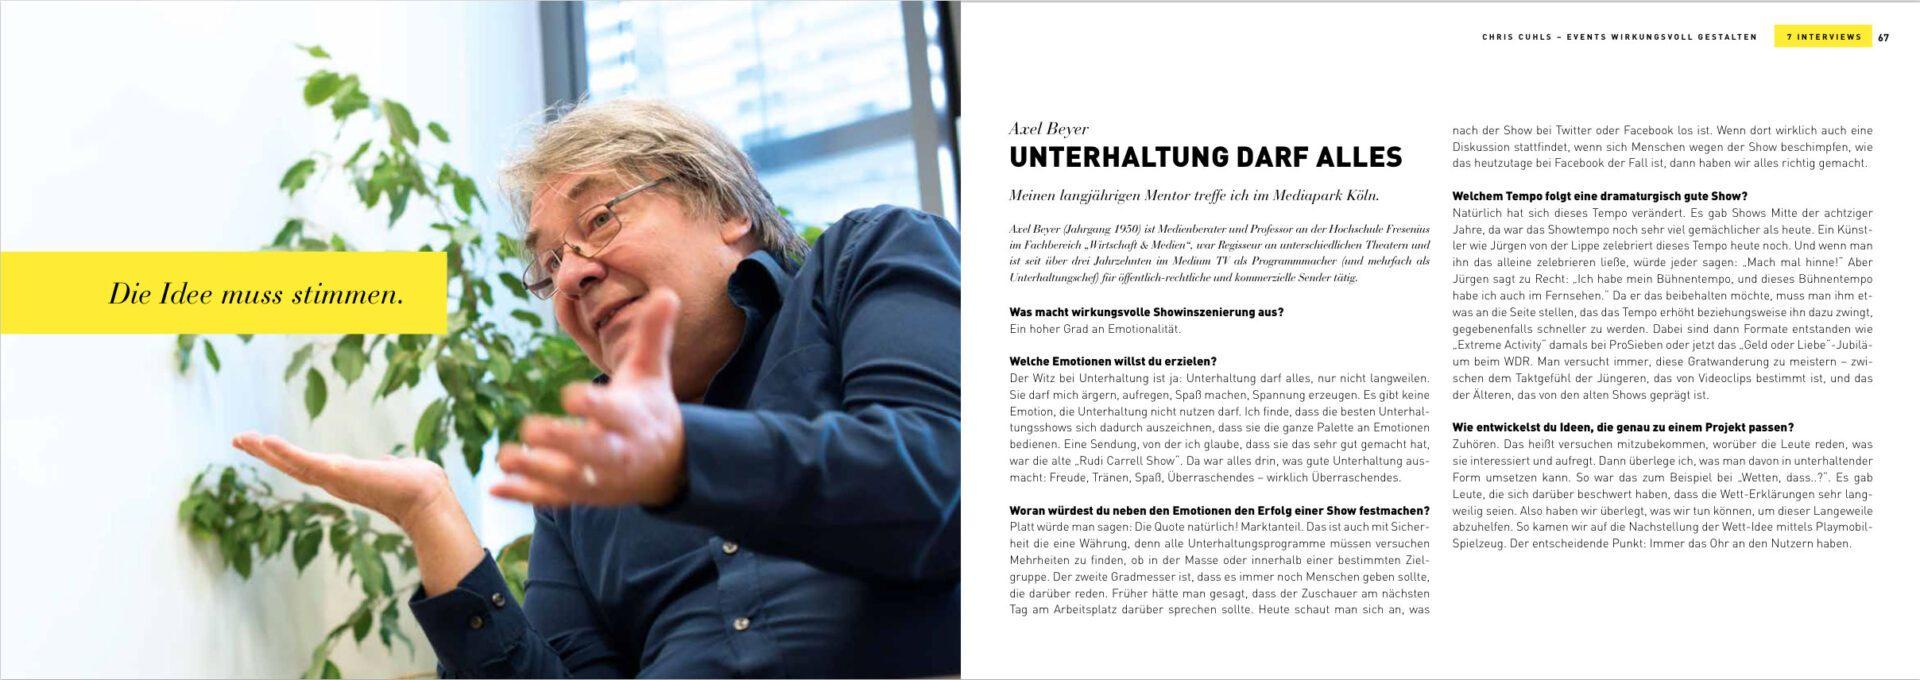 Events wirkungsvoll inszenieren - 7 Interviews Axel Beyer Unterhaltung